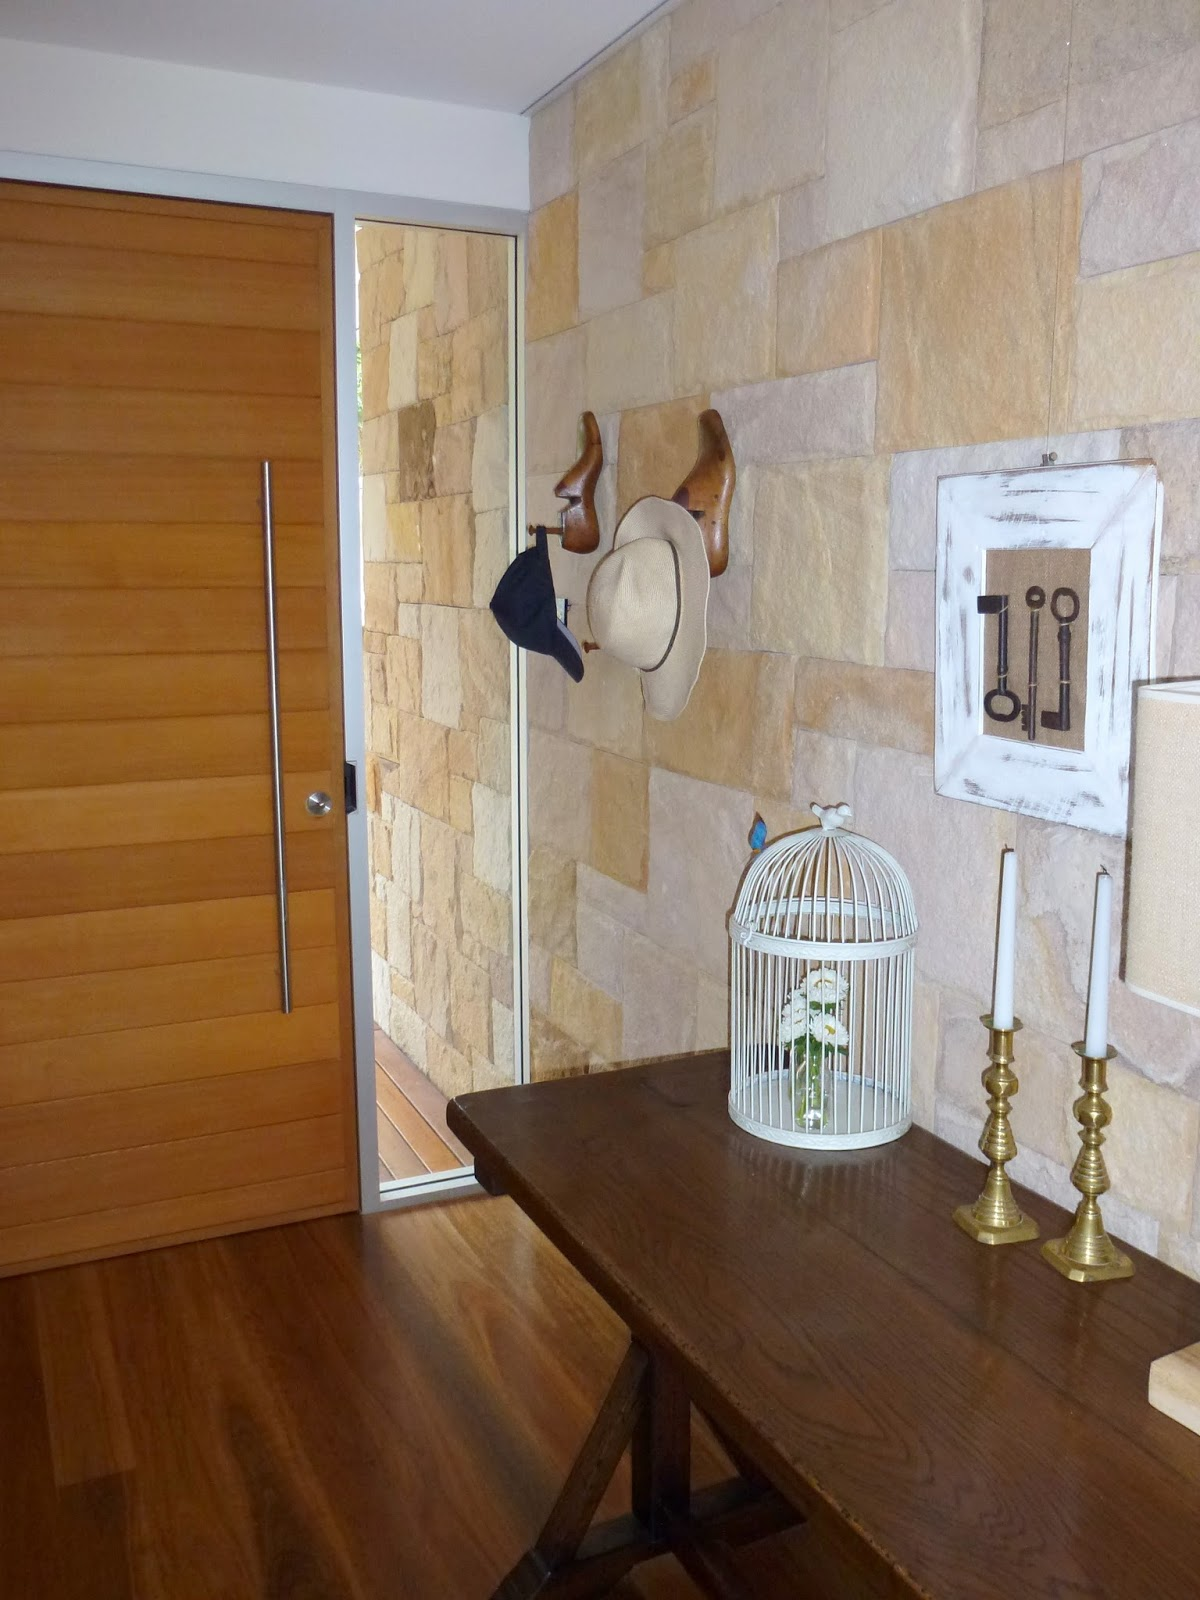 http://4.bp.blogspot.com/-uV_gevWFjXM/TtboXAFONLI/AAAAAAAABZw/qkY4TqxyHdA/s1600/Entrance.jpg